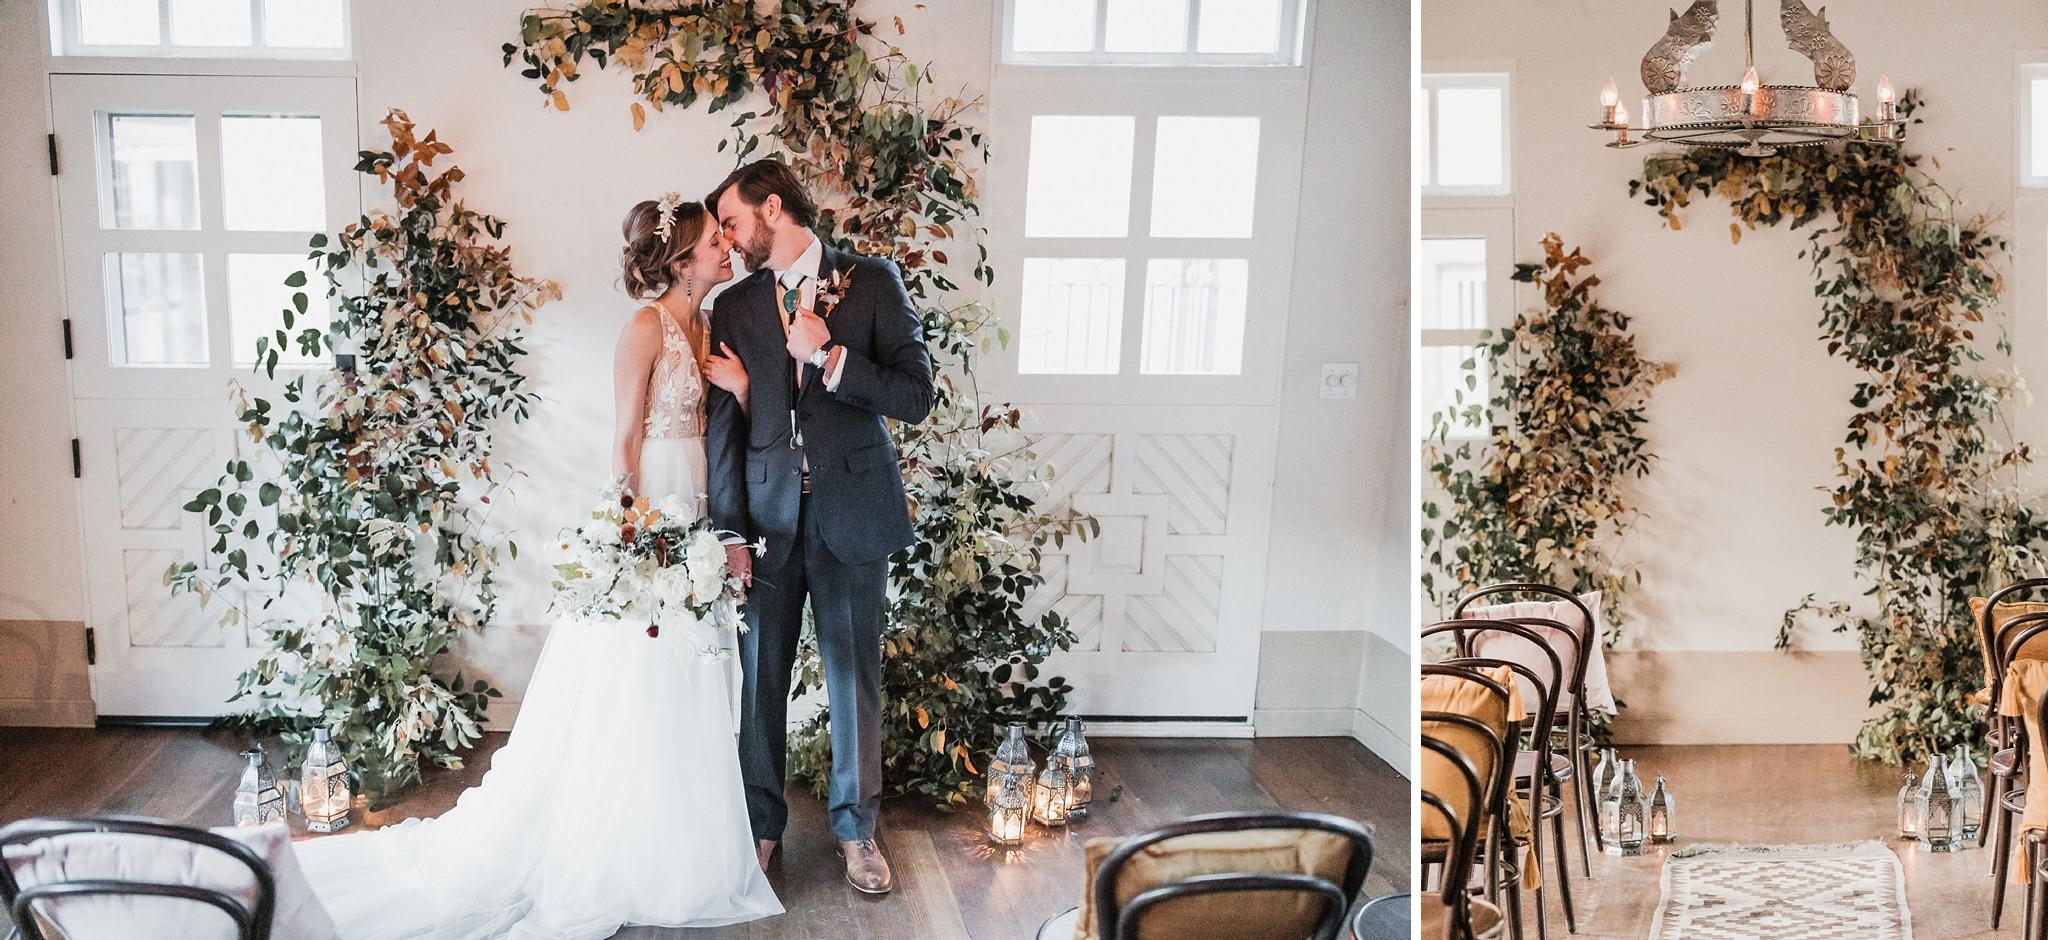 Alicia+lucia+photography+-+albuquerque+wedding+photographer+-+santa+fe+wedding+photography+-+new+mexico+wedding+photographer+-+new+mexico+wedding+-+new+mexico+florist+-+floriography+flowers+-+floriography+flowers+new+mexico+-+wedding+florist_0008.jpg